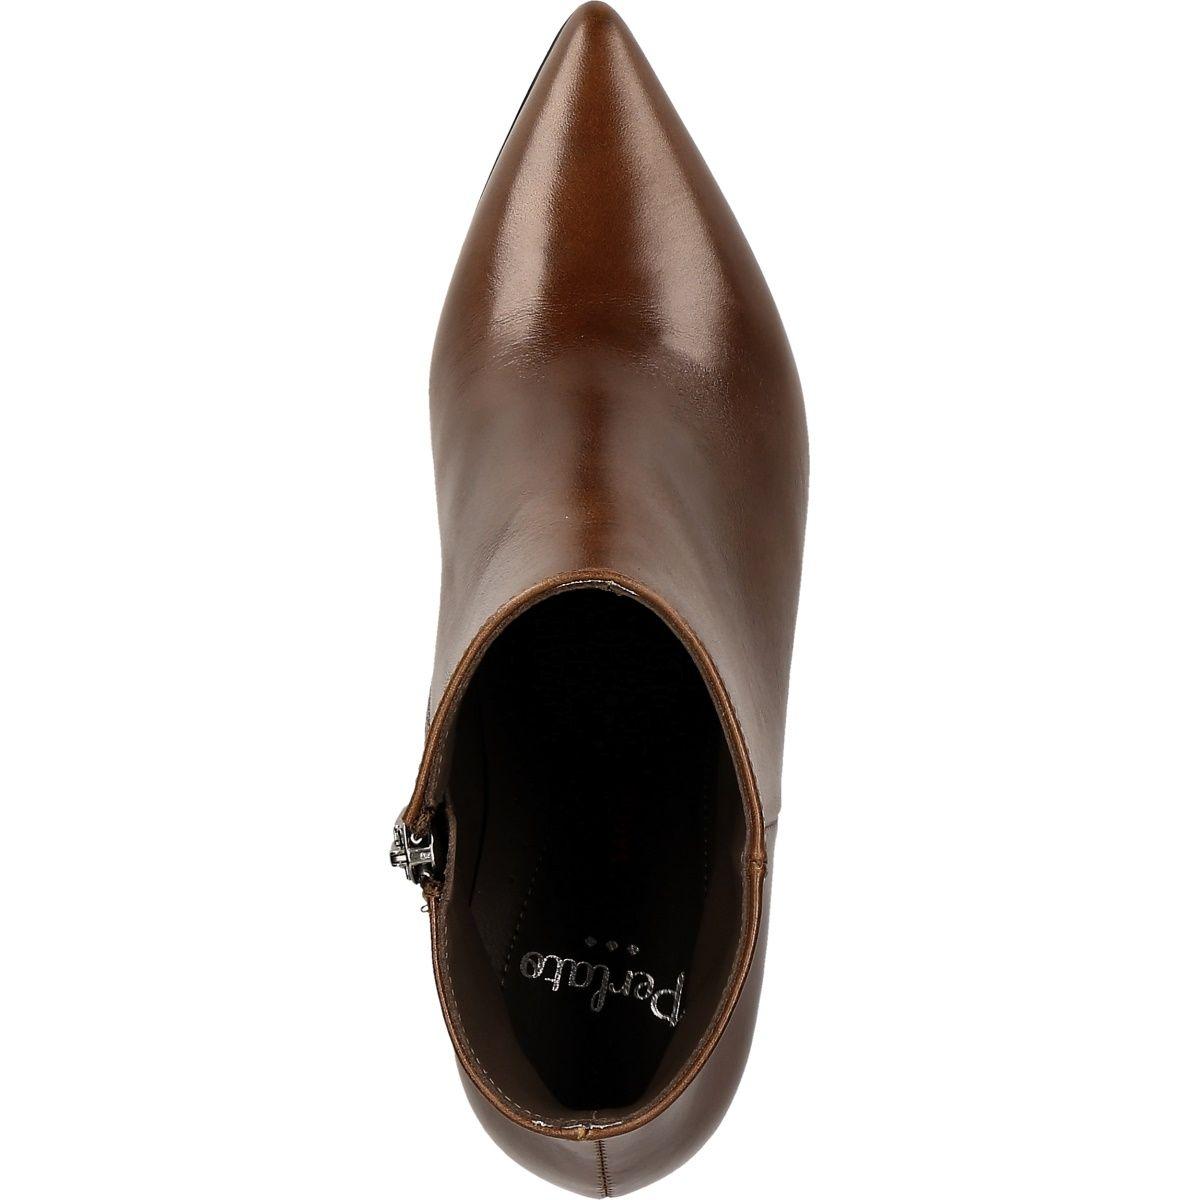 Perlato 11329 COGNAC Women's shoes Half boots buy shoes at